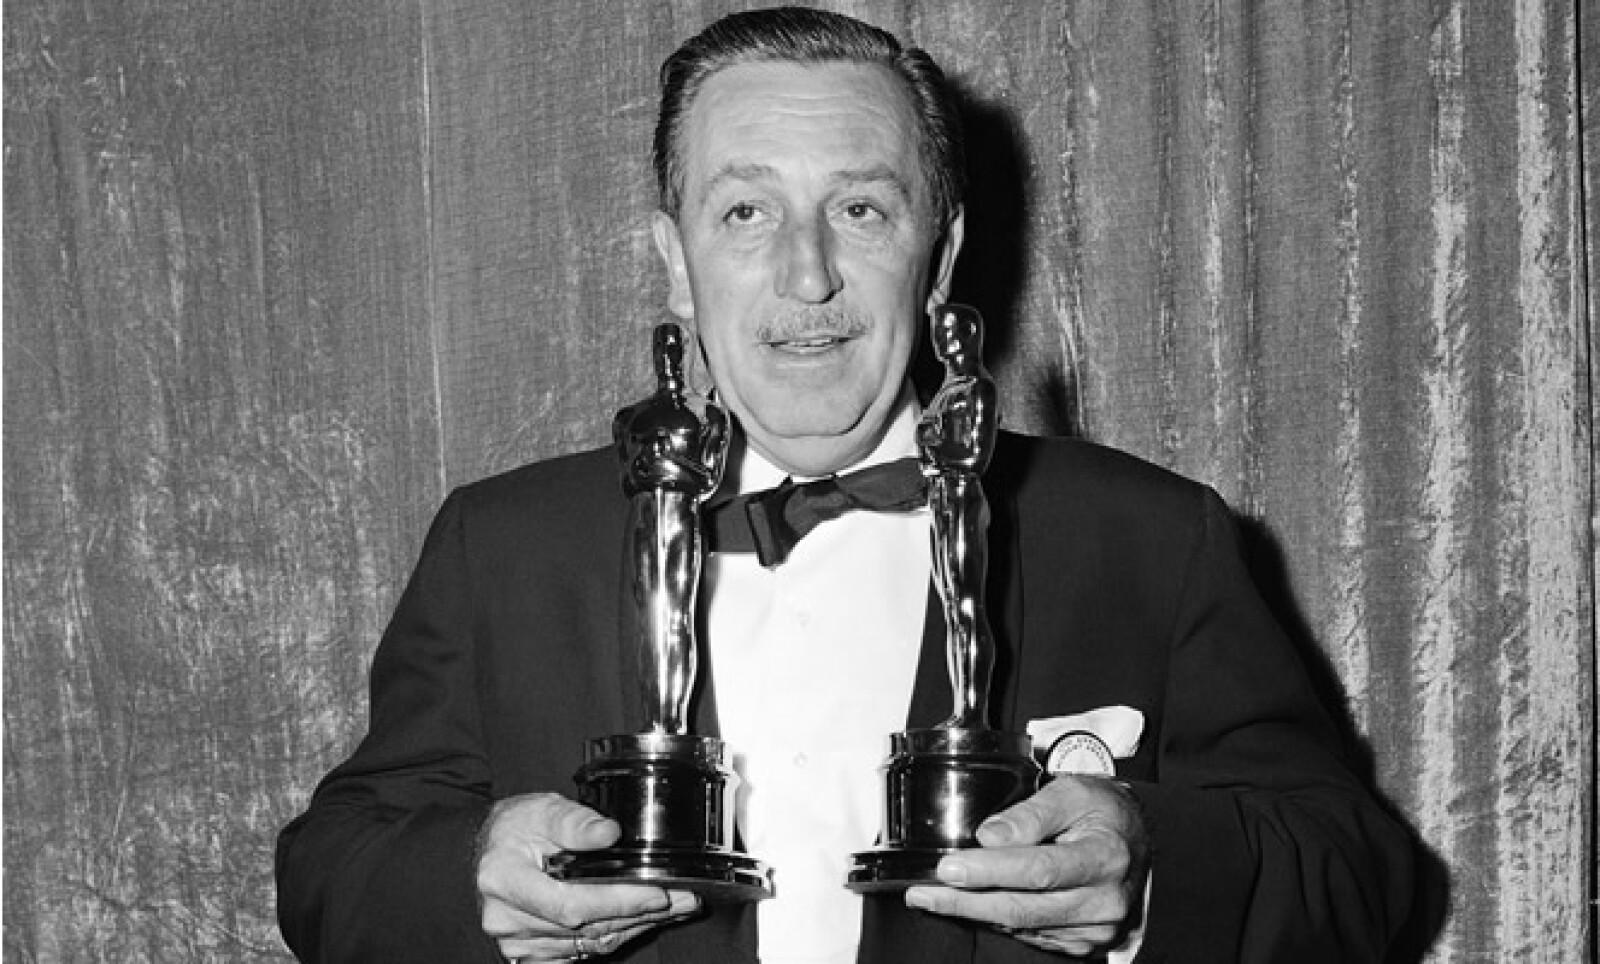 De estos premios, la película Mary Poppins fue la más triunfadora de Disney, al obtener 13 nominaciones y 5 estatuillas.